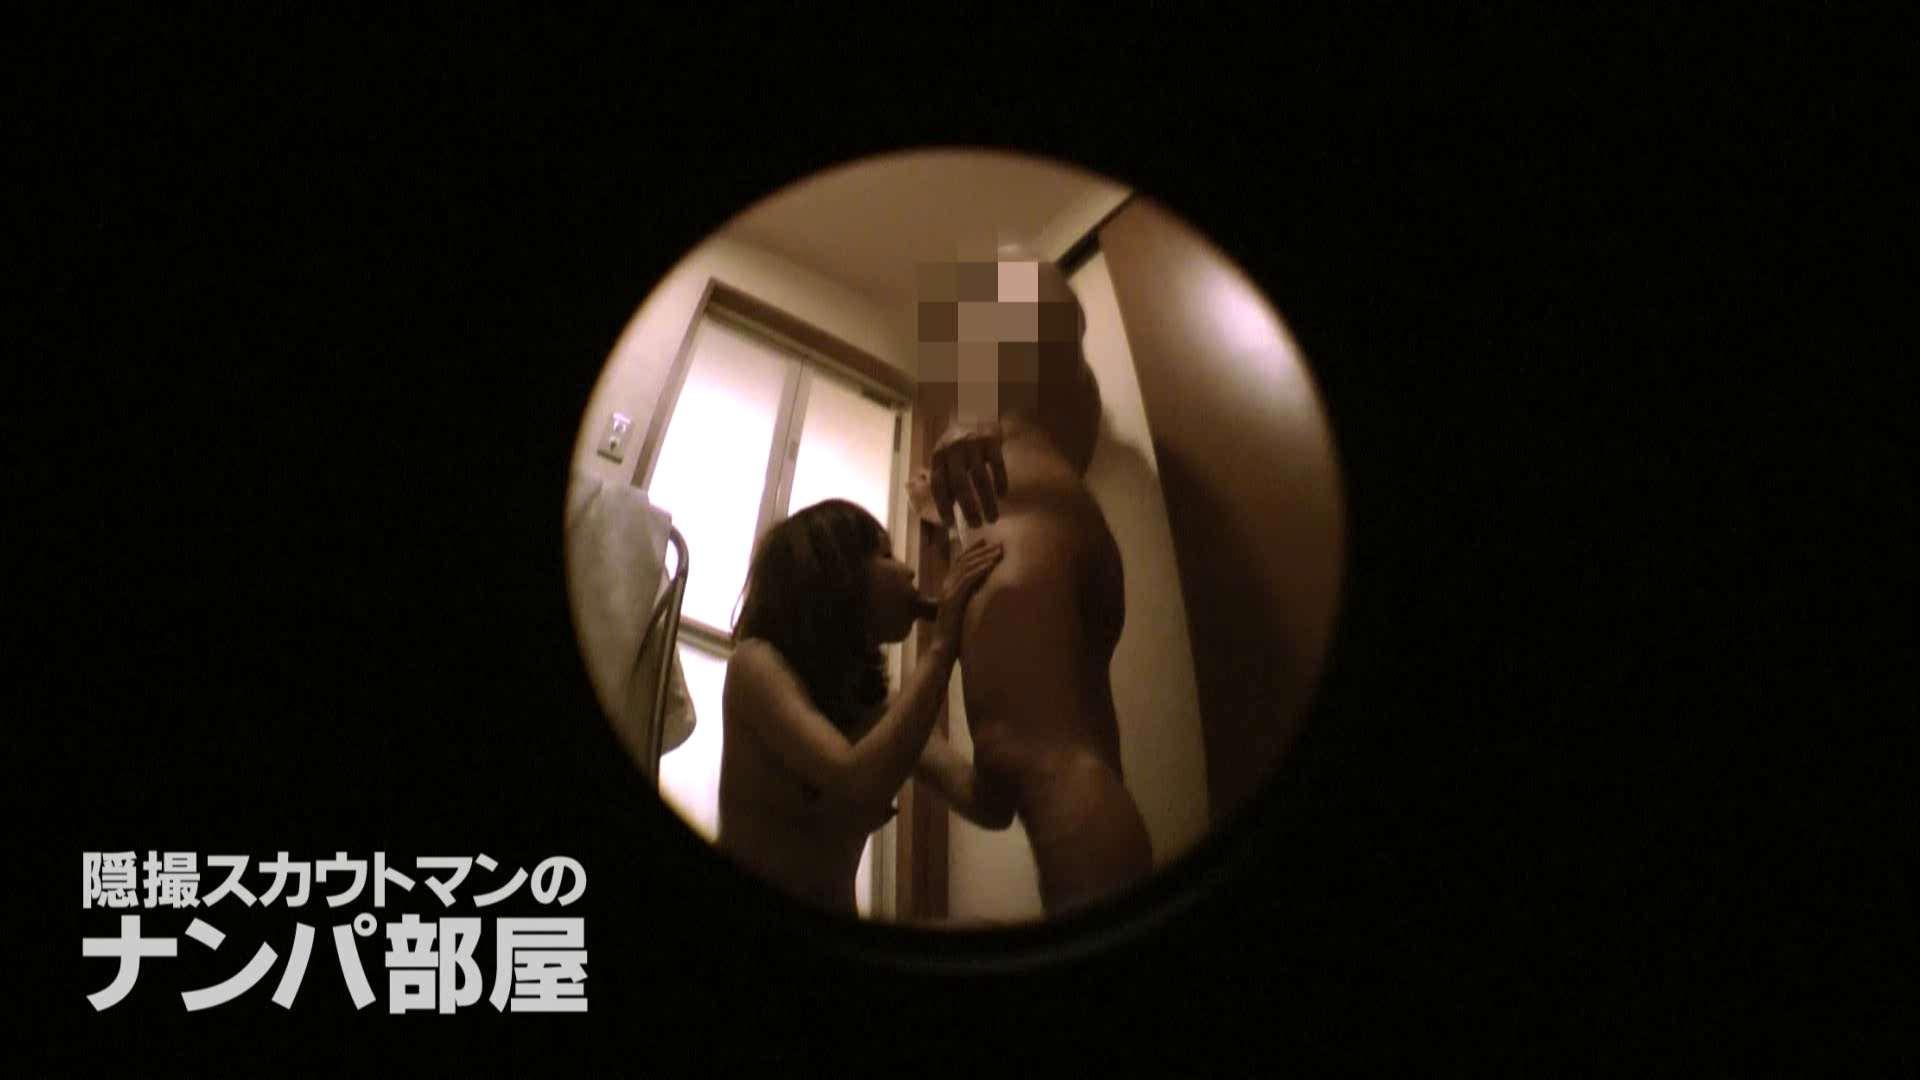 隠撮スカウトマンのナンパ部屋~風俗デビュー前のつまみ食い~ siivol.4 ナンパ ヌード画像 74pic 34